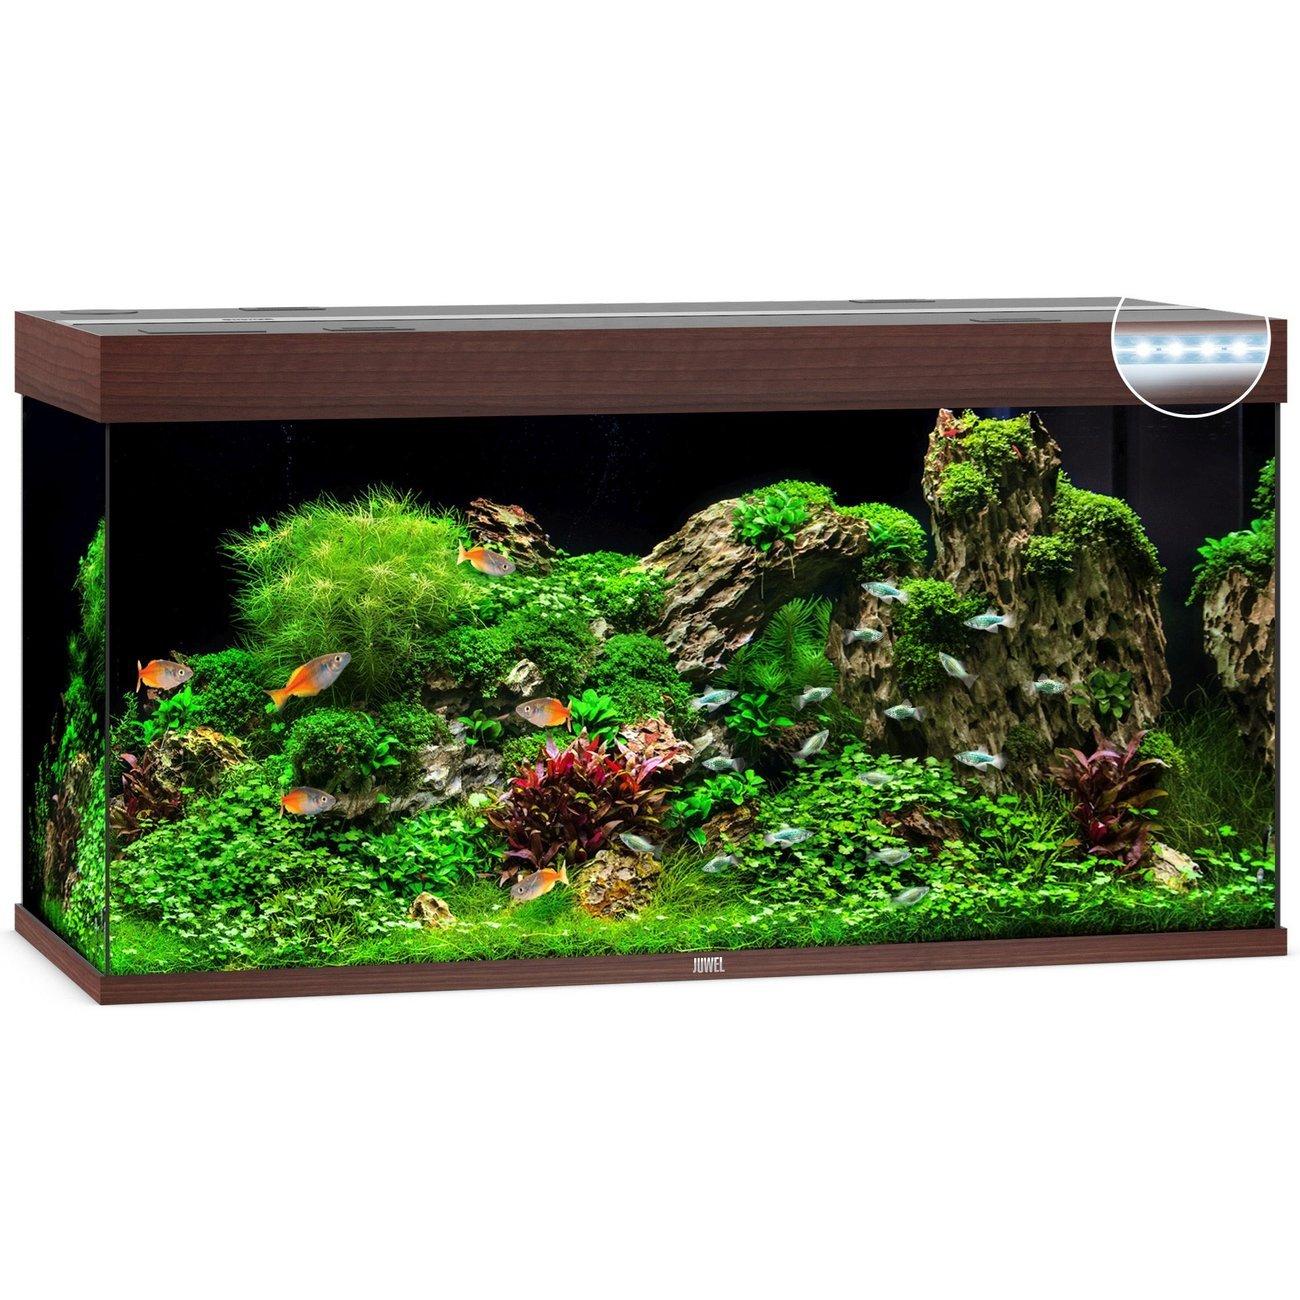 Juwel Rio 350 LED Aquarium, Bild 2